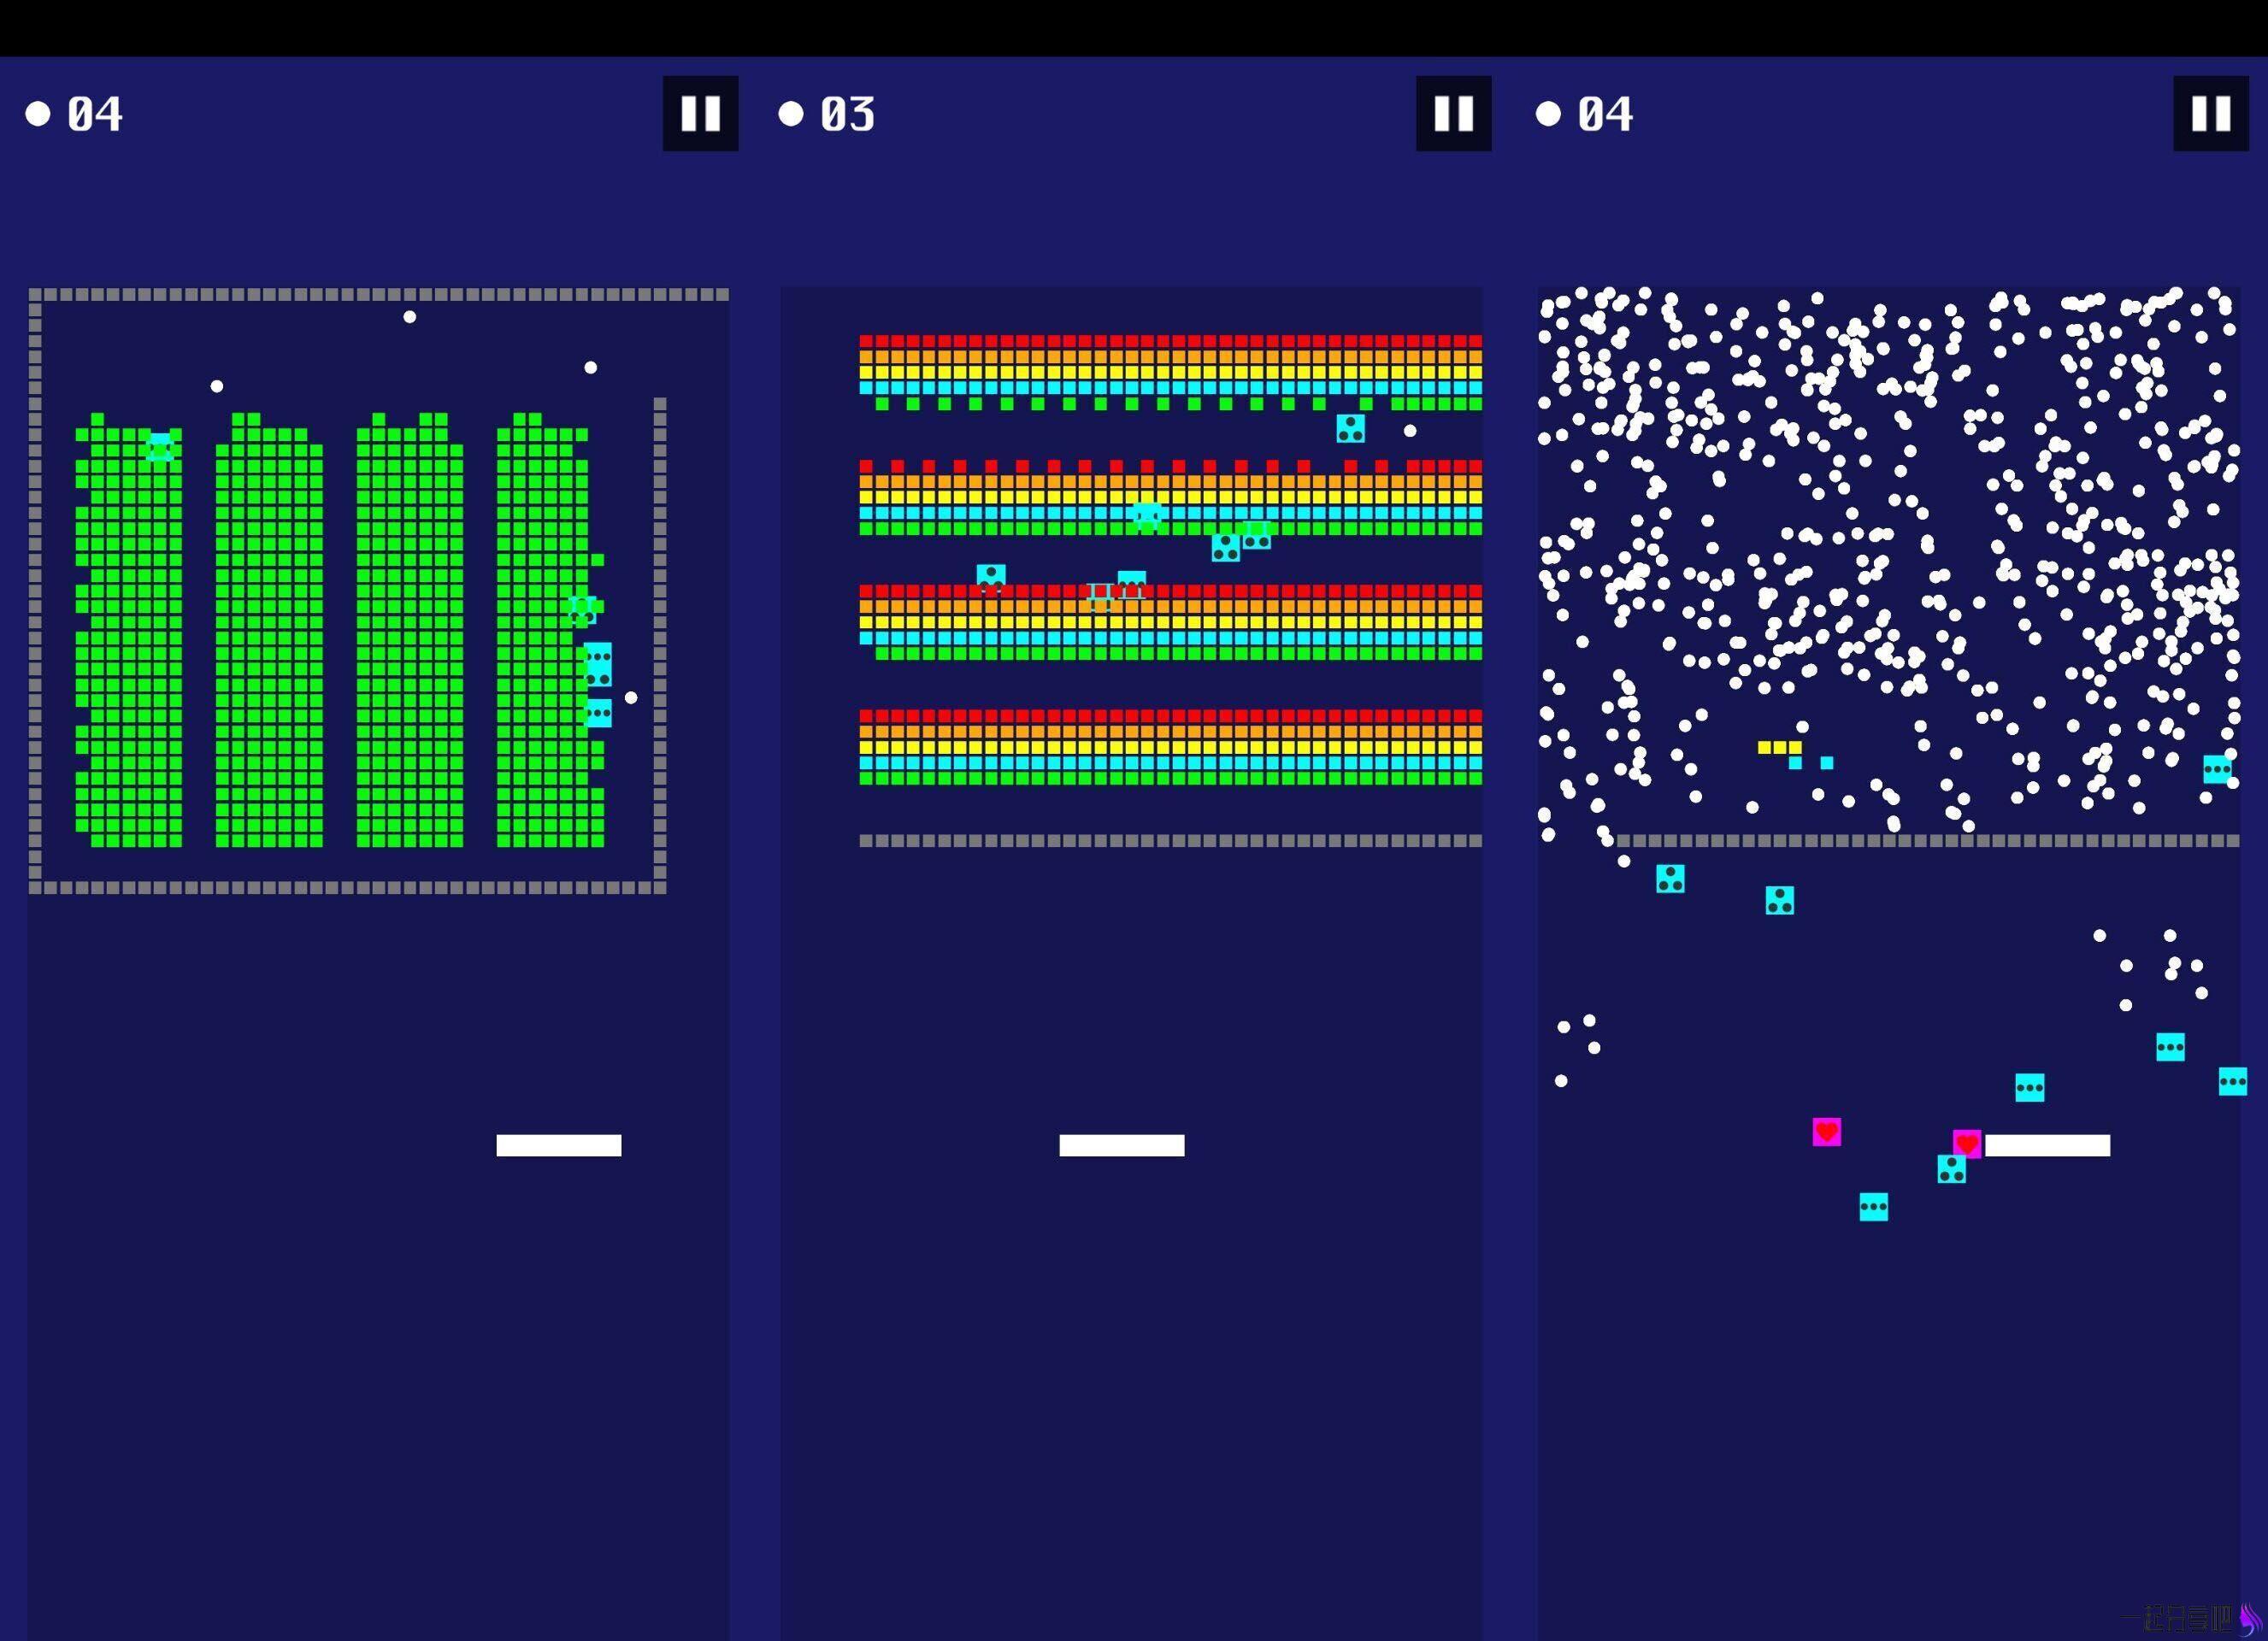 砖块破坏者破解版 适合消磨时间的经典娱乐游戏 第1张